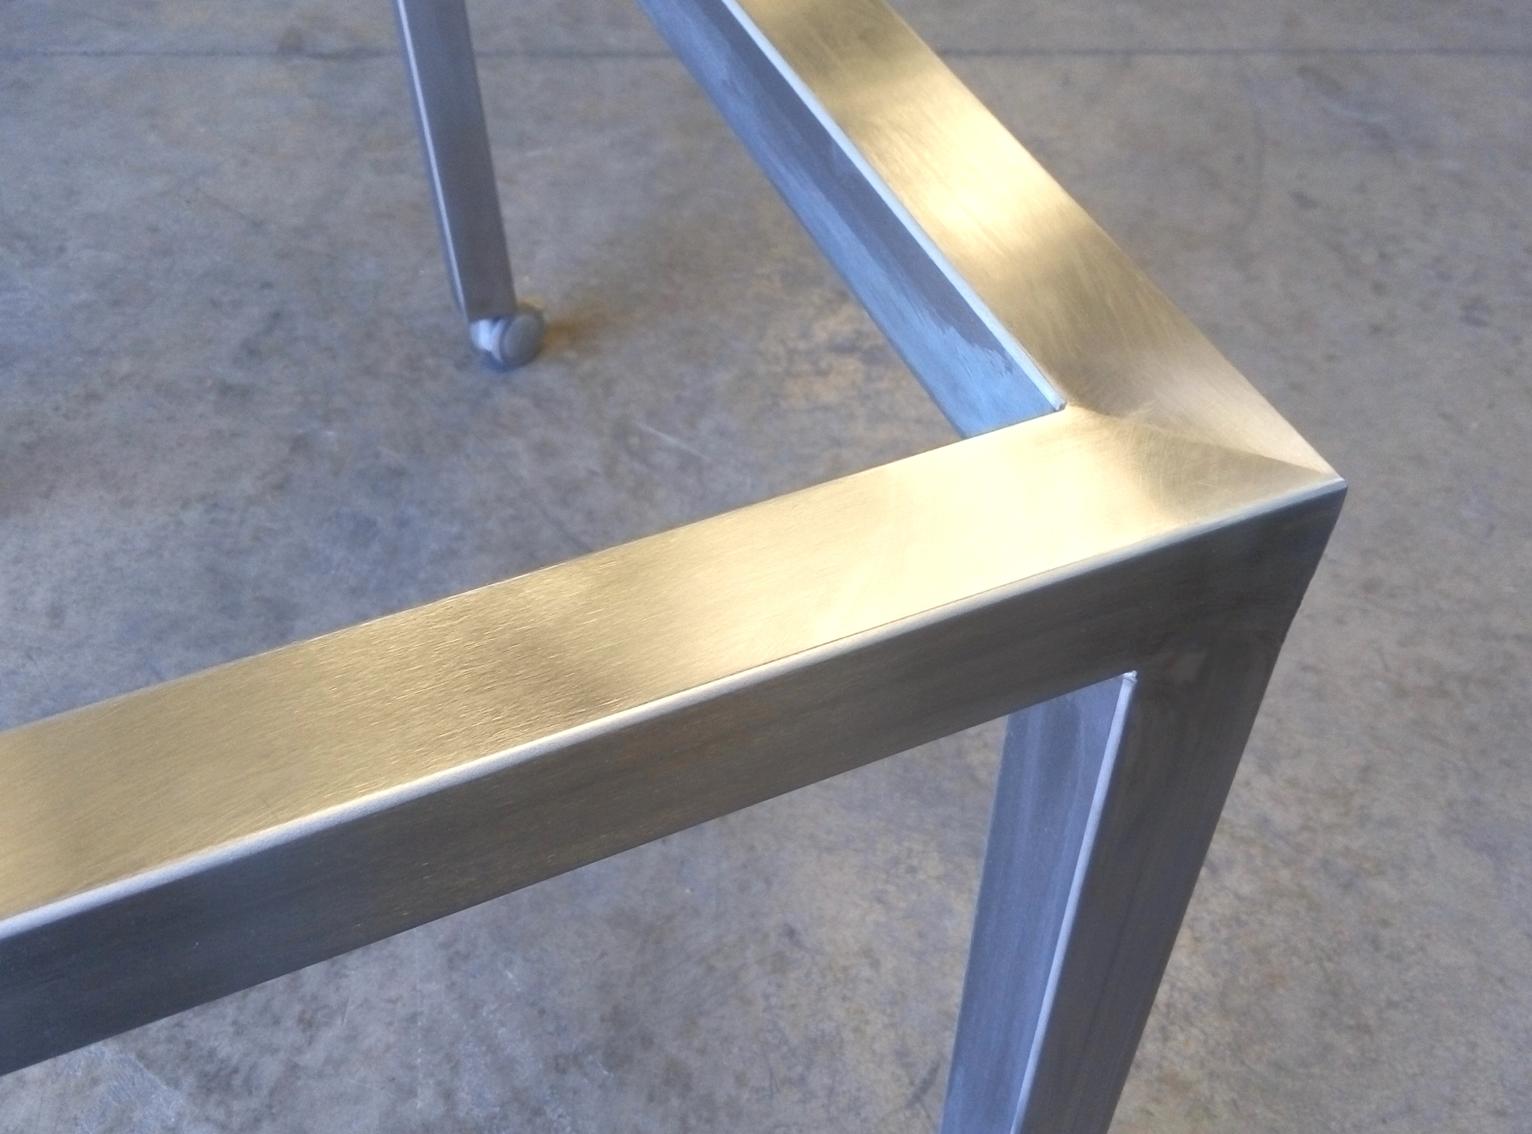 Estructura mesa en acero inoxidable acabado satinado. Detalle